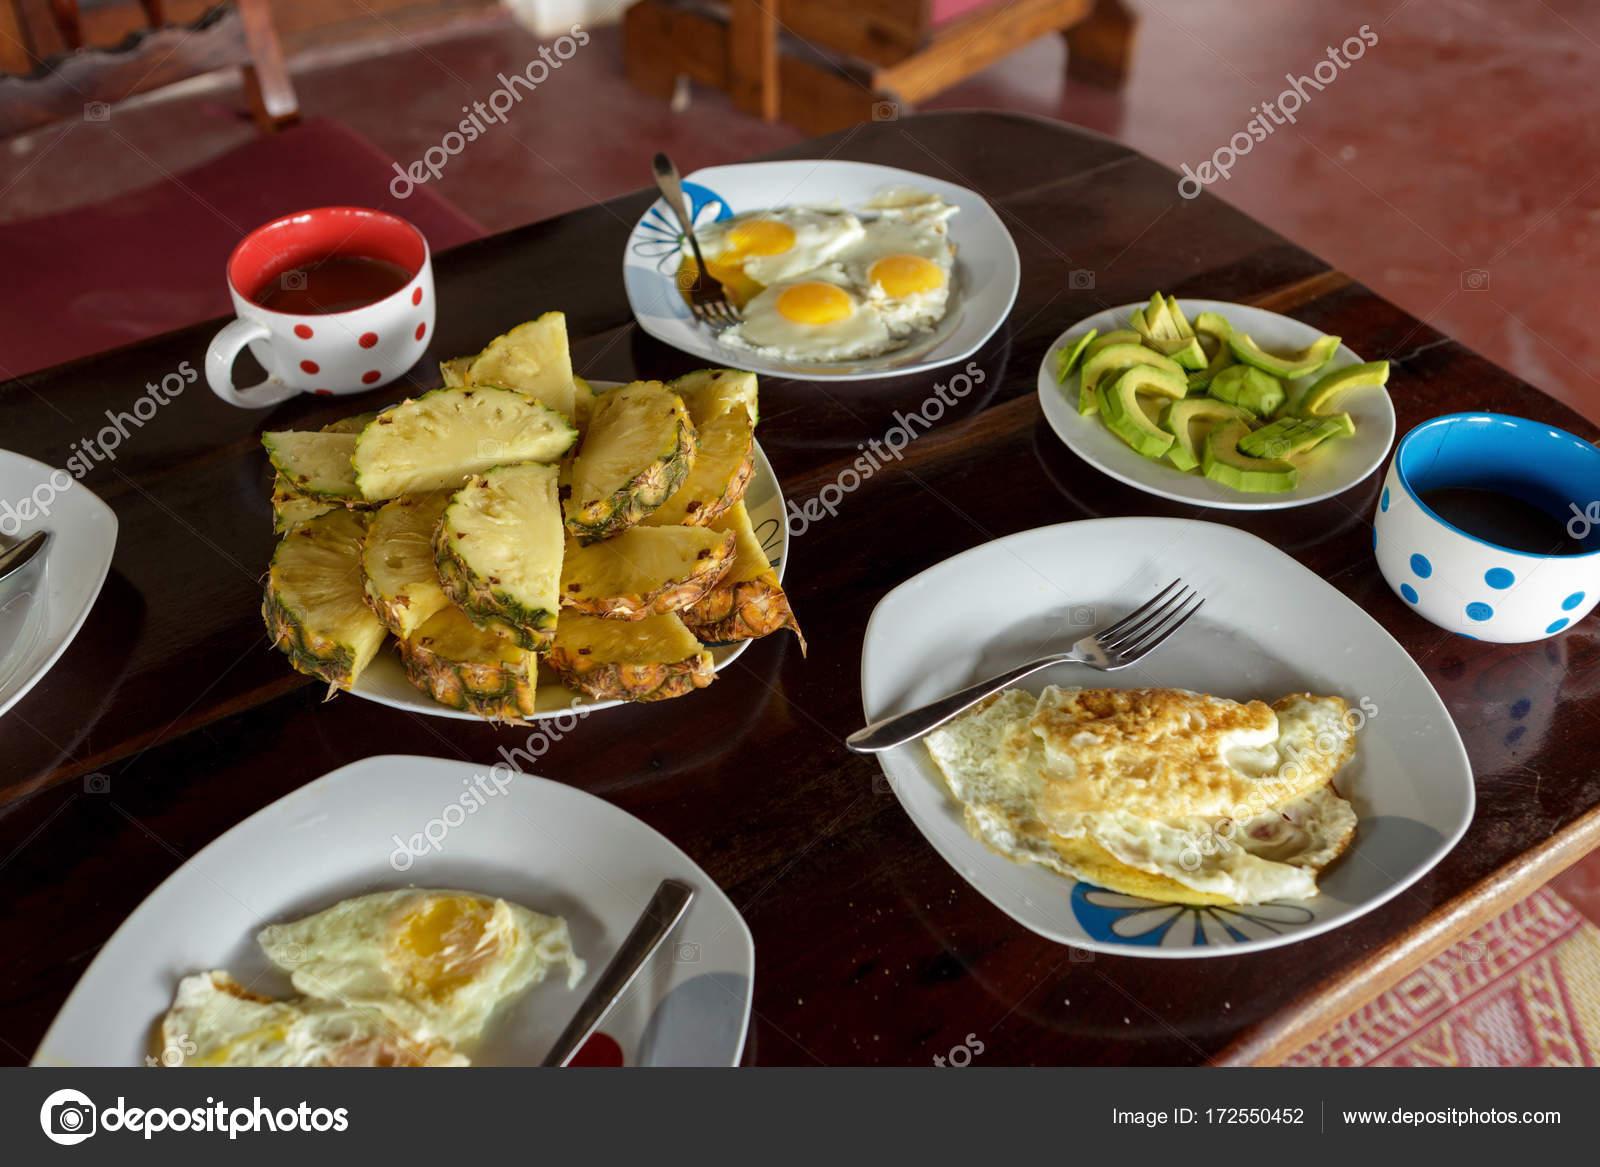 Lovely Frühstückstisch Mit Gebratenen Eiern, Rührei, Ananas, Avocado Und Kaffee  Auf Holztisch U2014 Foto Von KucherAndrey